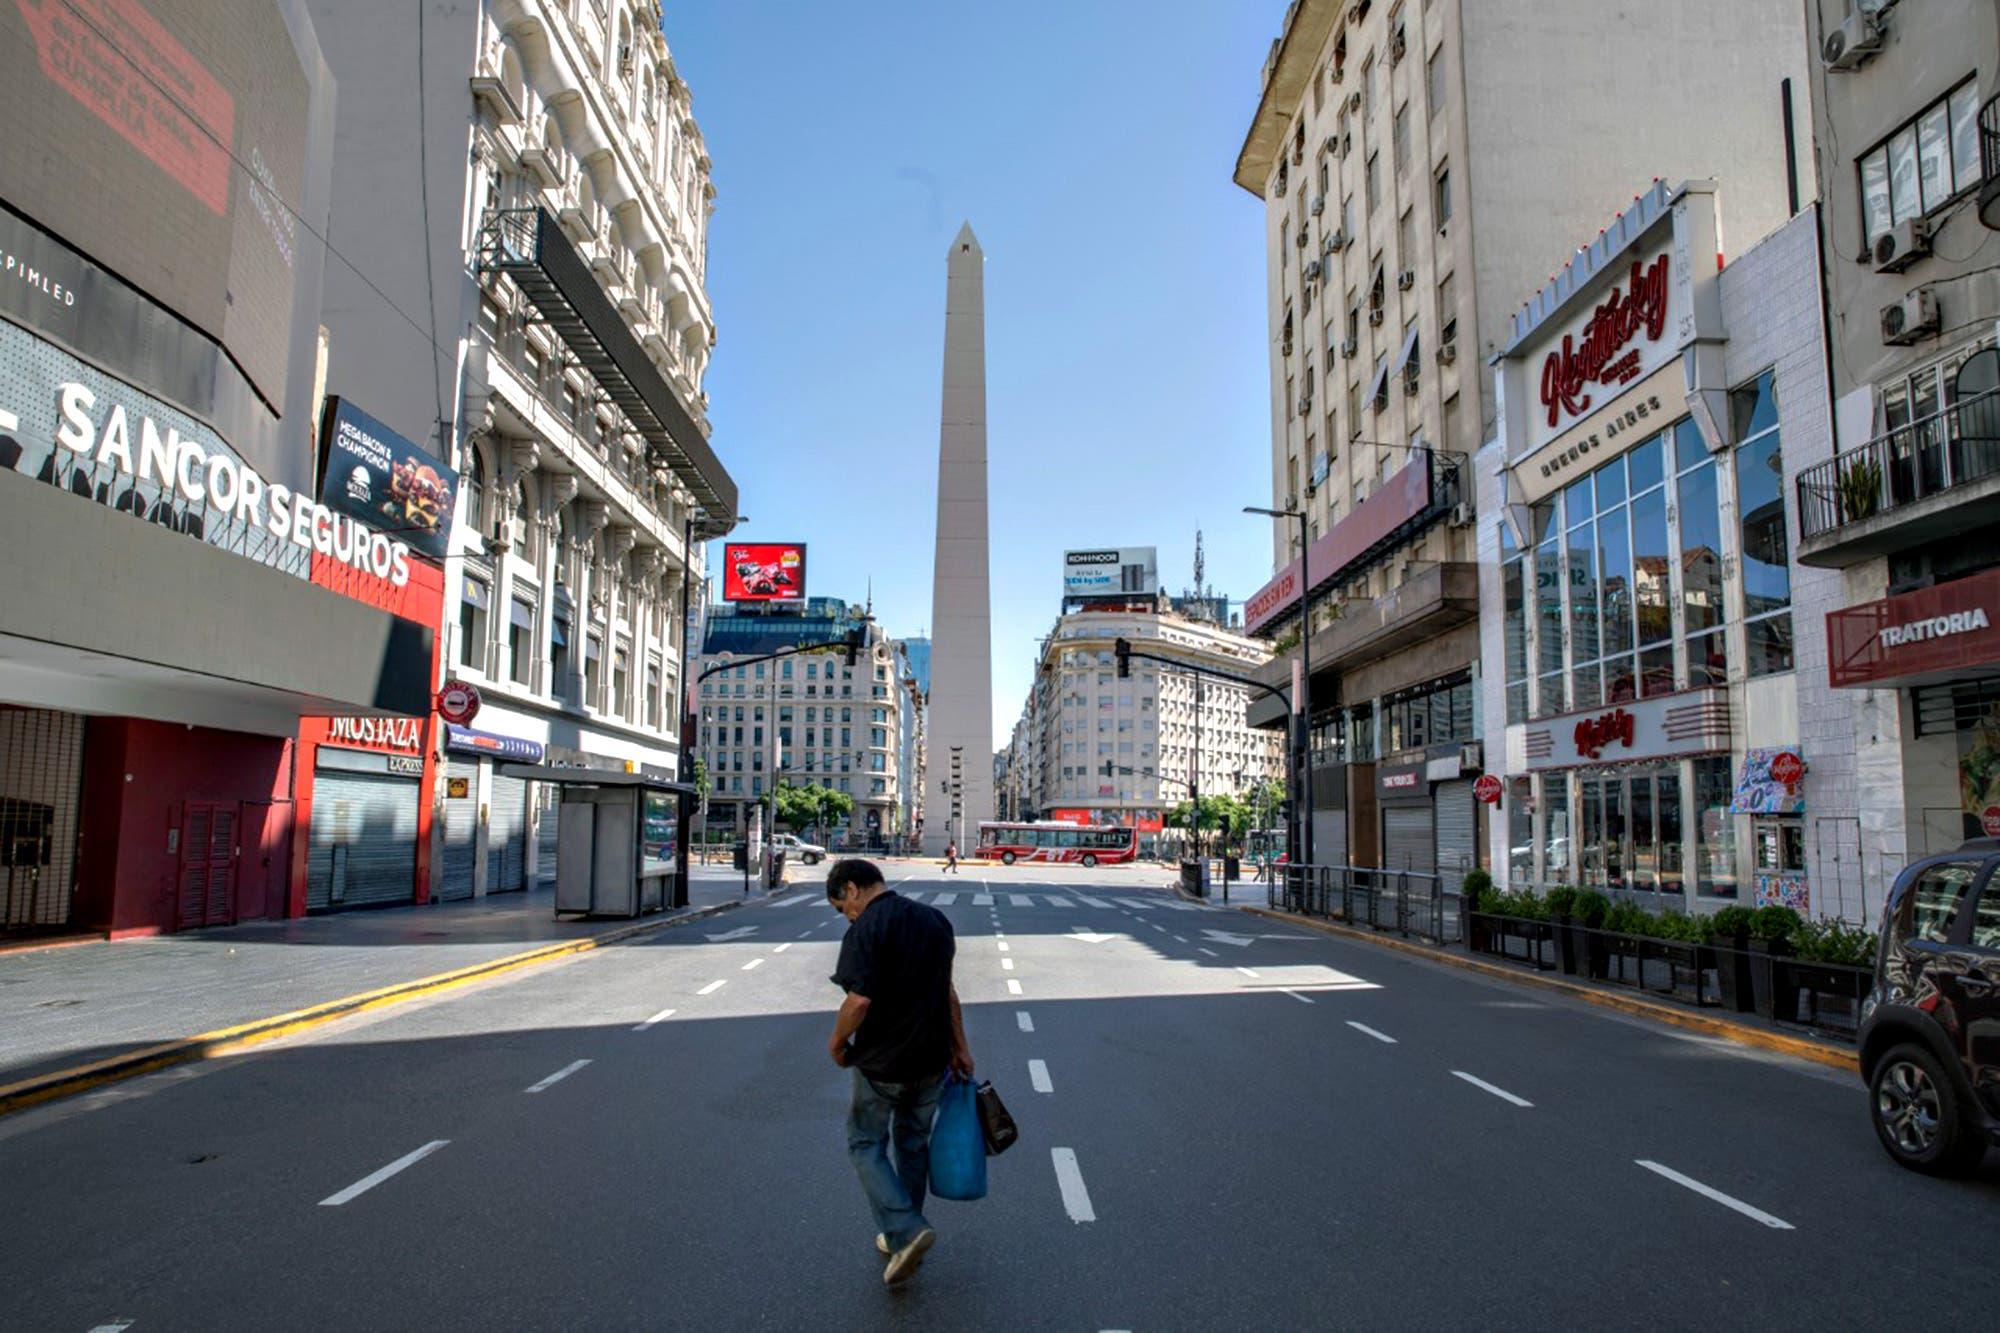 Índice de movilidad: menos gente en la calle, pero más que al inicio de la cuarentena